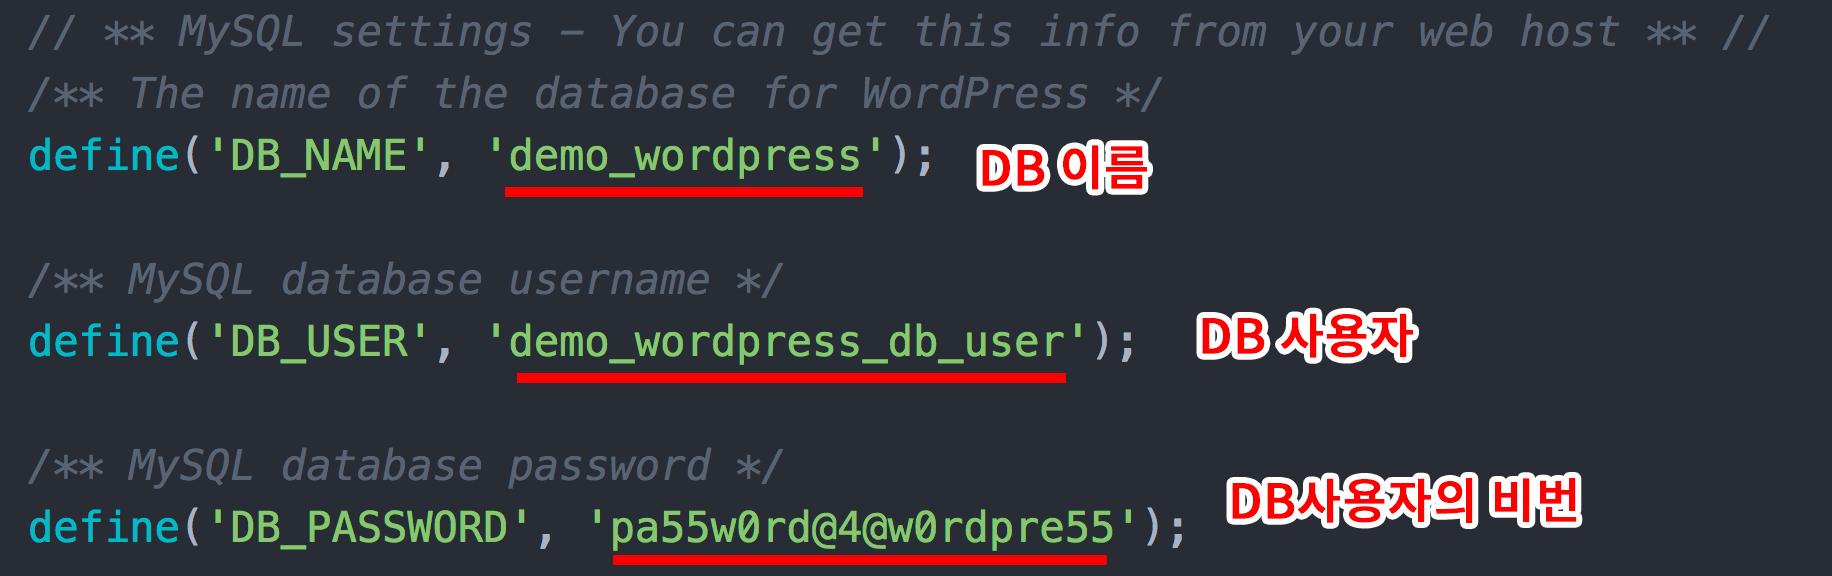 3가지 DB 비밀정보를 입력했다